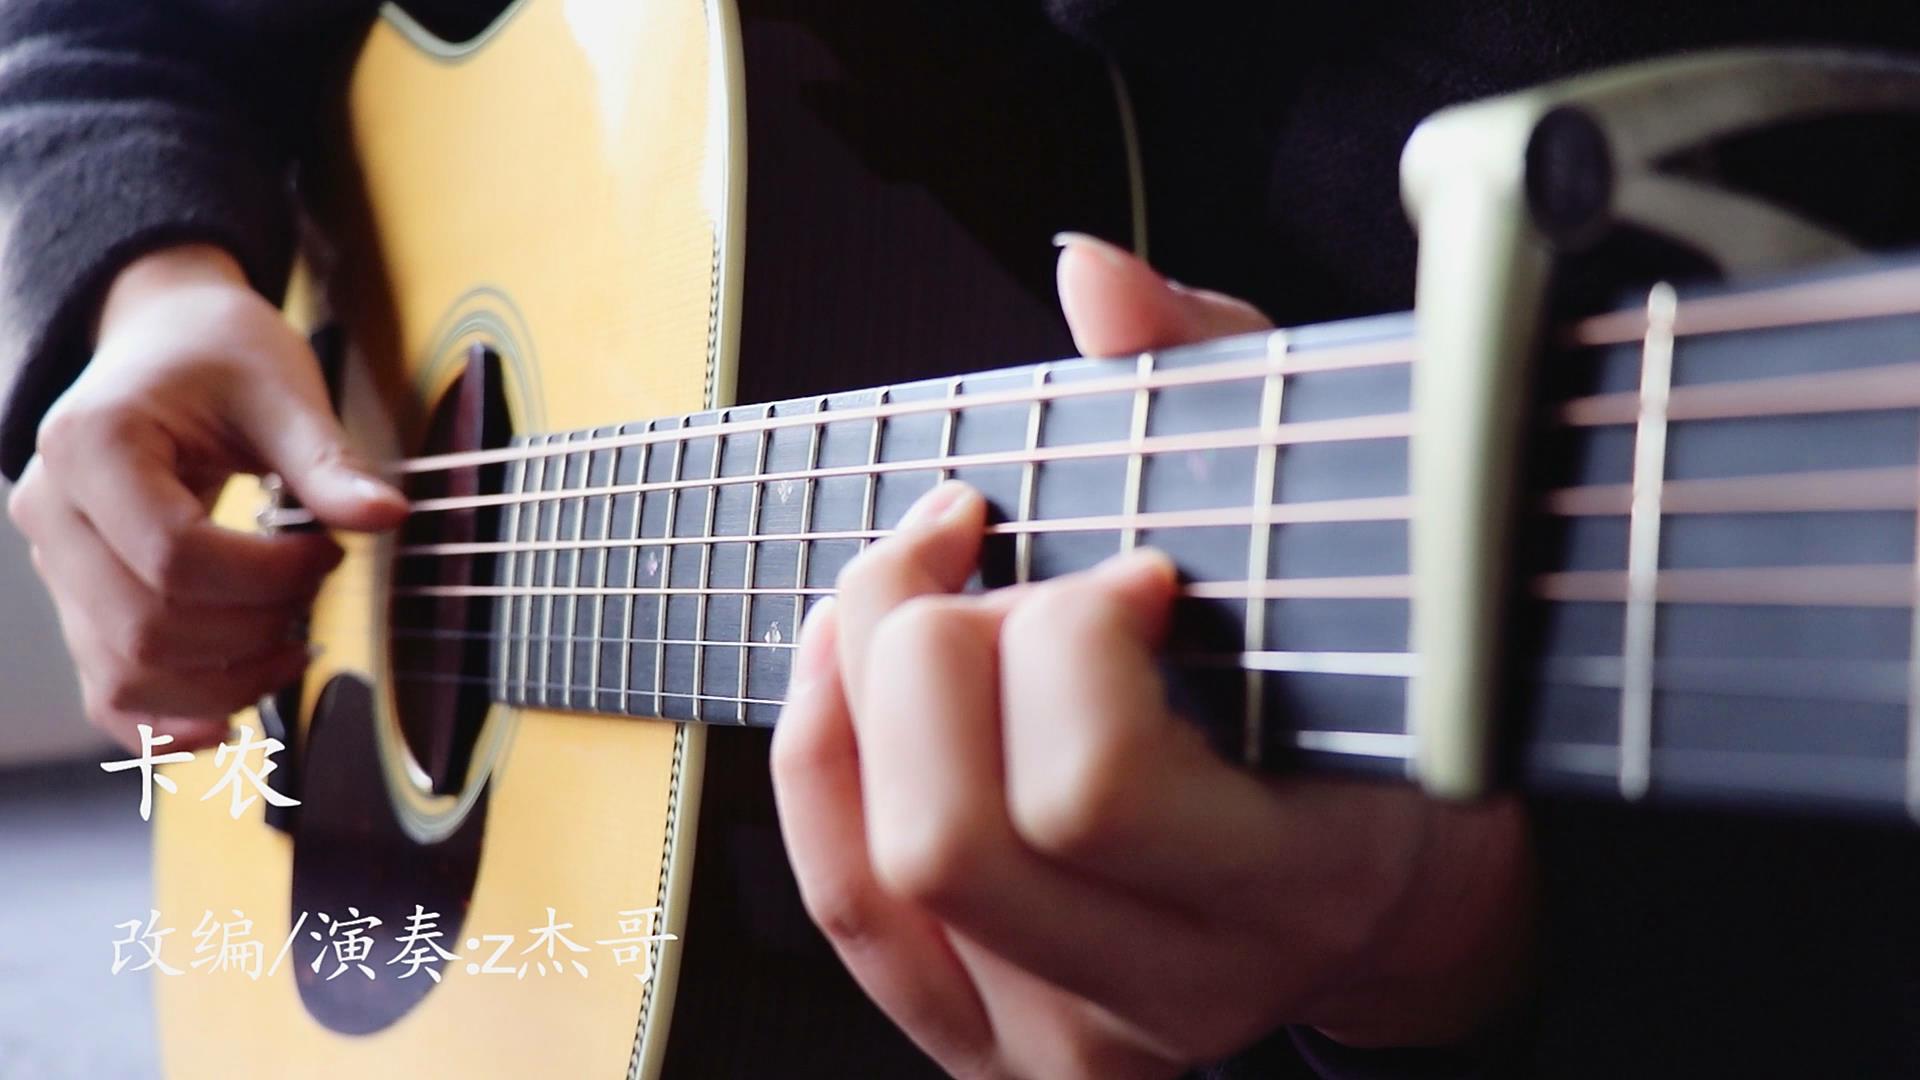 【指弹吉他】我的野蛮女友版卡农,大多学乐器的初衷可能就是为了这首曲子吧